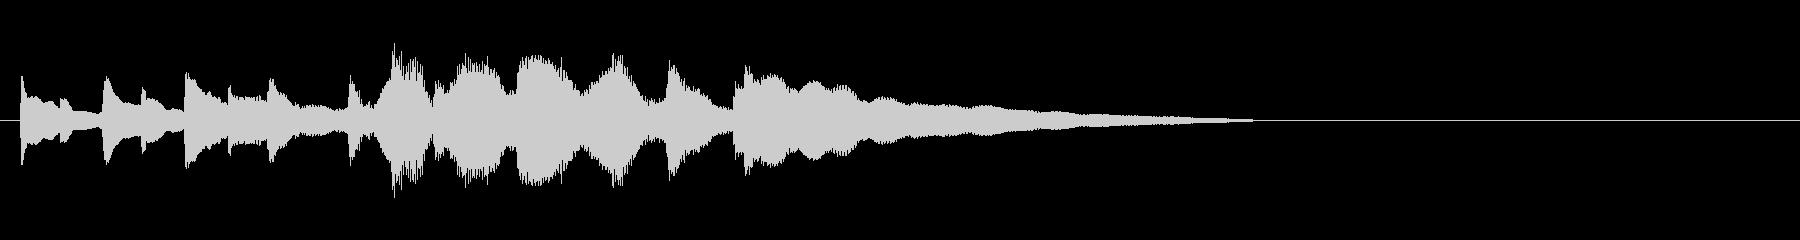 バス発車音 田舎 ほのぼの チャイムの未再生の波形